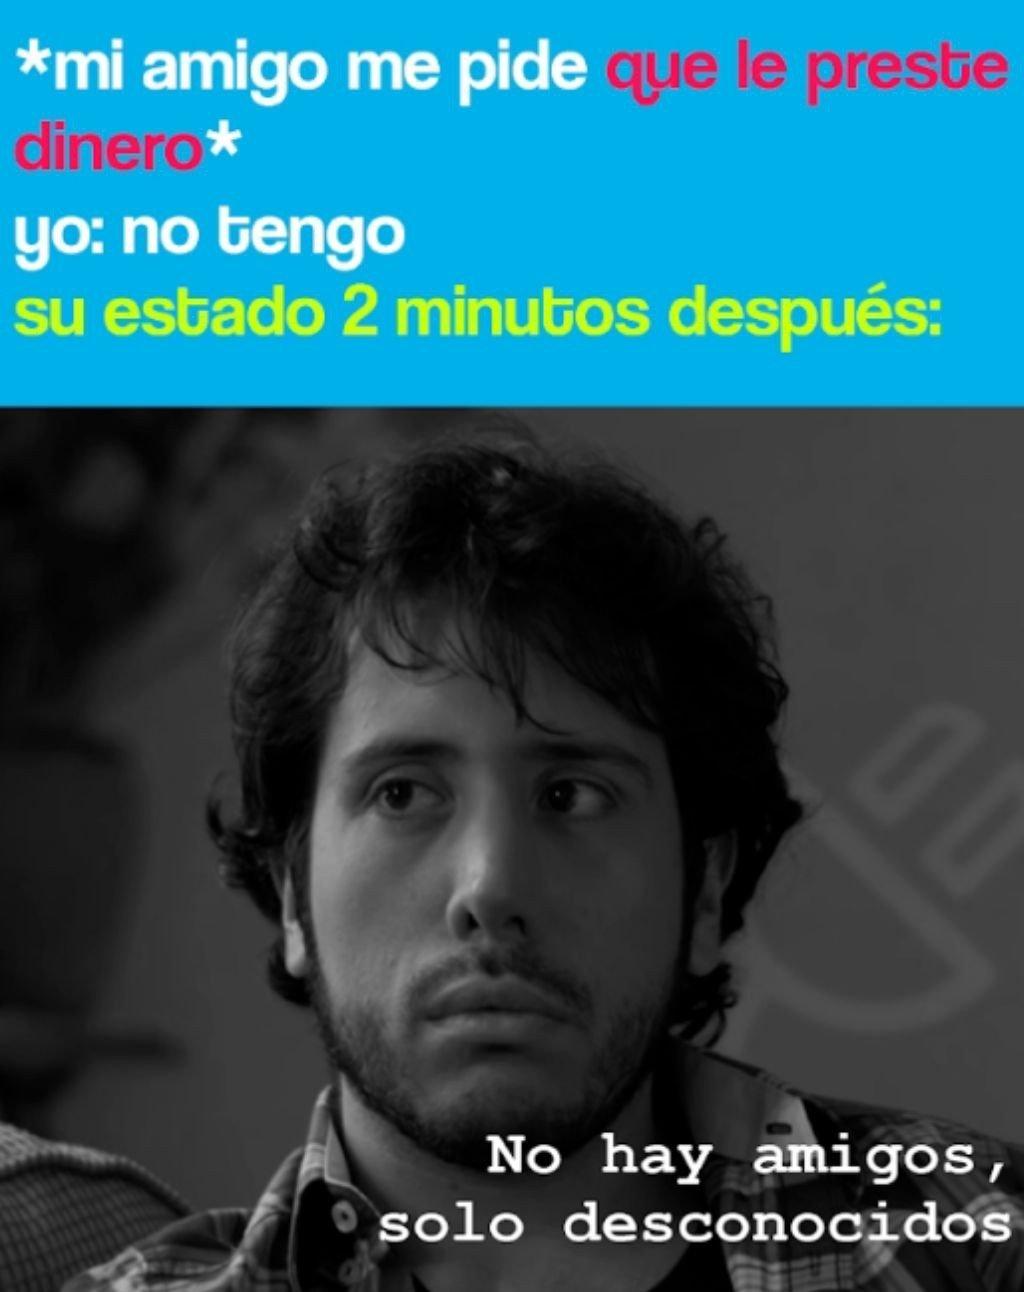 ESTOS AMIGOS XD - meme